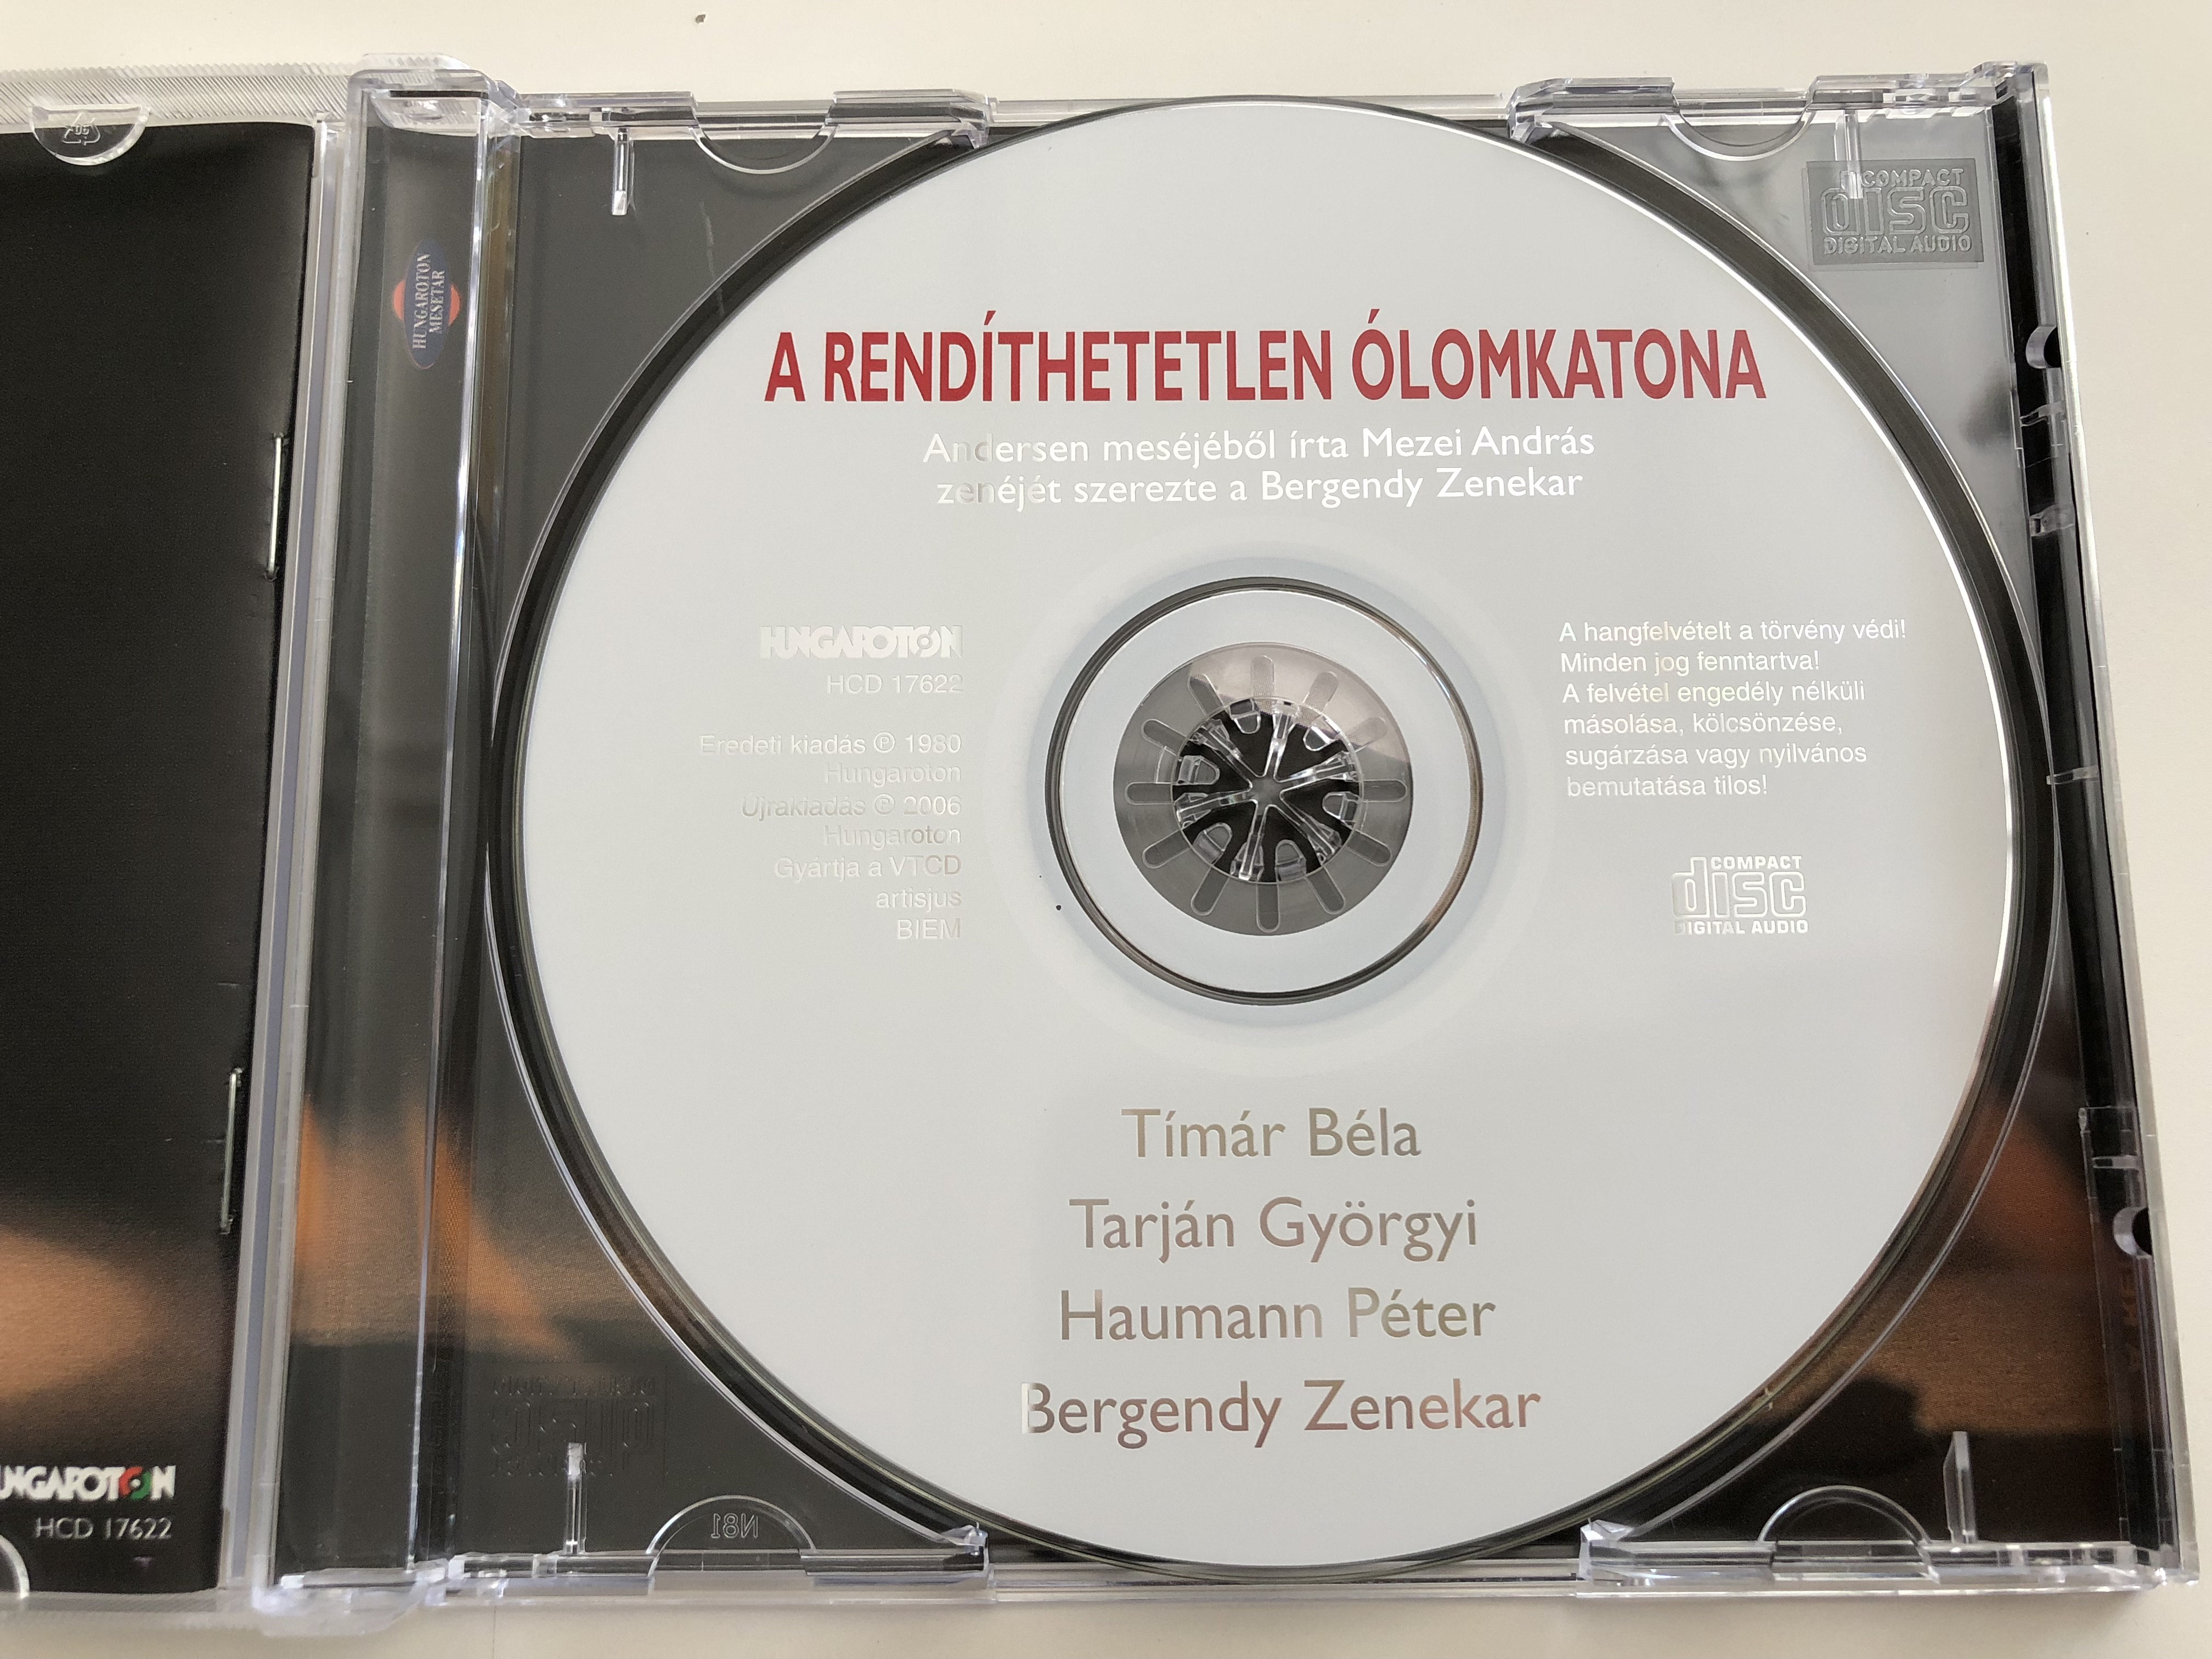 a-rend-thetetlen-lomkatona-andersen-mes-j-b-l-rta-mezei-andr-s-zen-j-t-szerezte-a-bergendy-zenekar-tarj-n-gy-rgyi-haumann-p-ter-t-m-r-b-la-bergendy-zenekar-based-on-andersen-s-story-audio-cd-6-.jpg